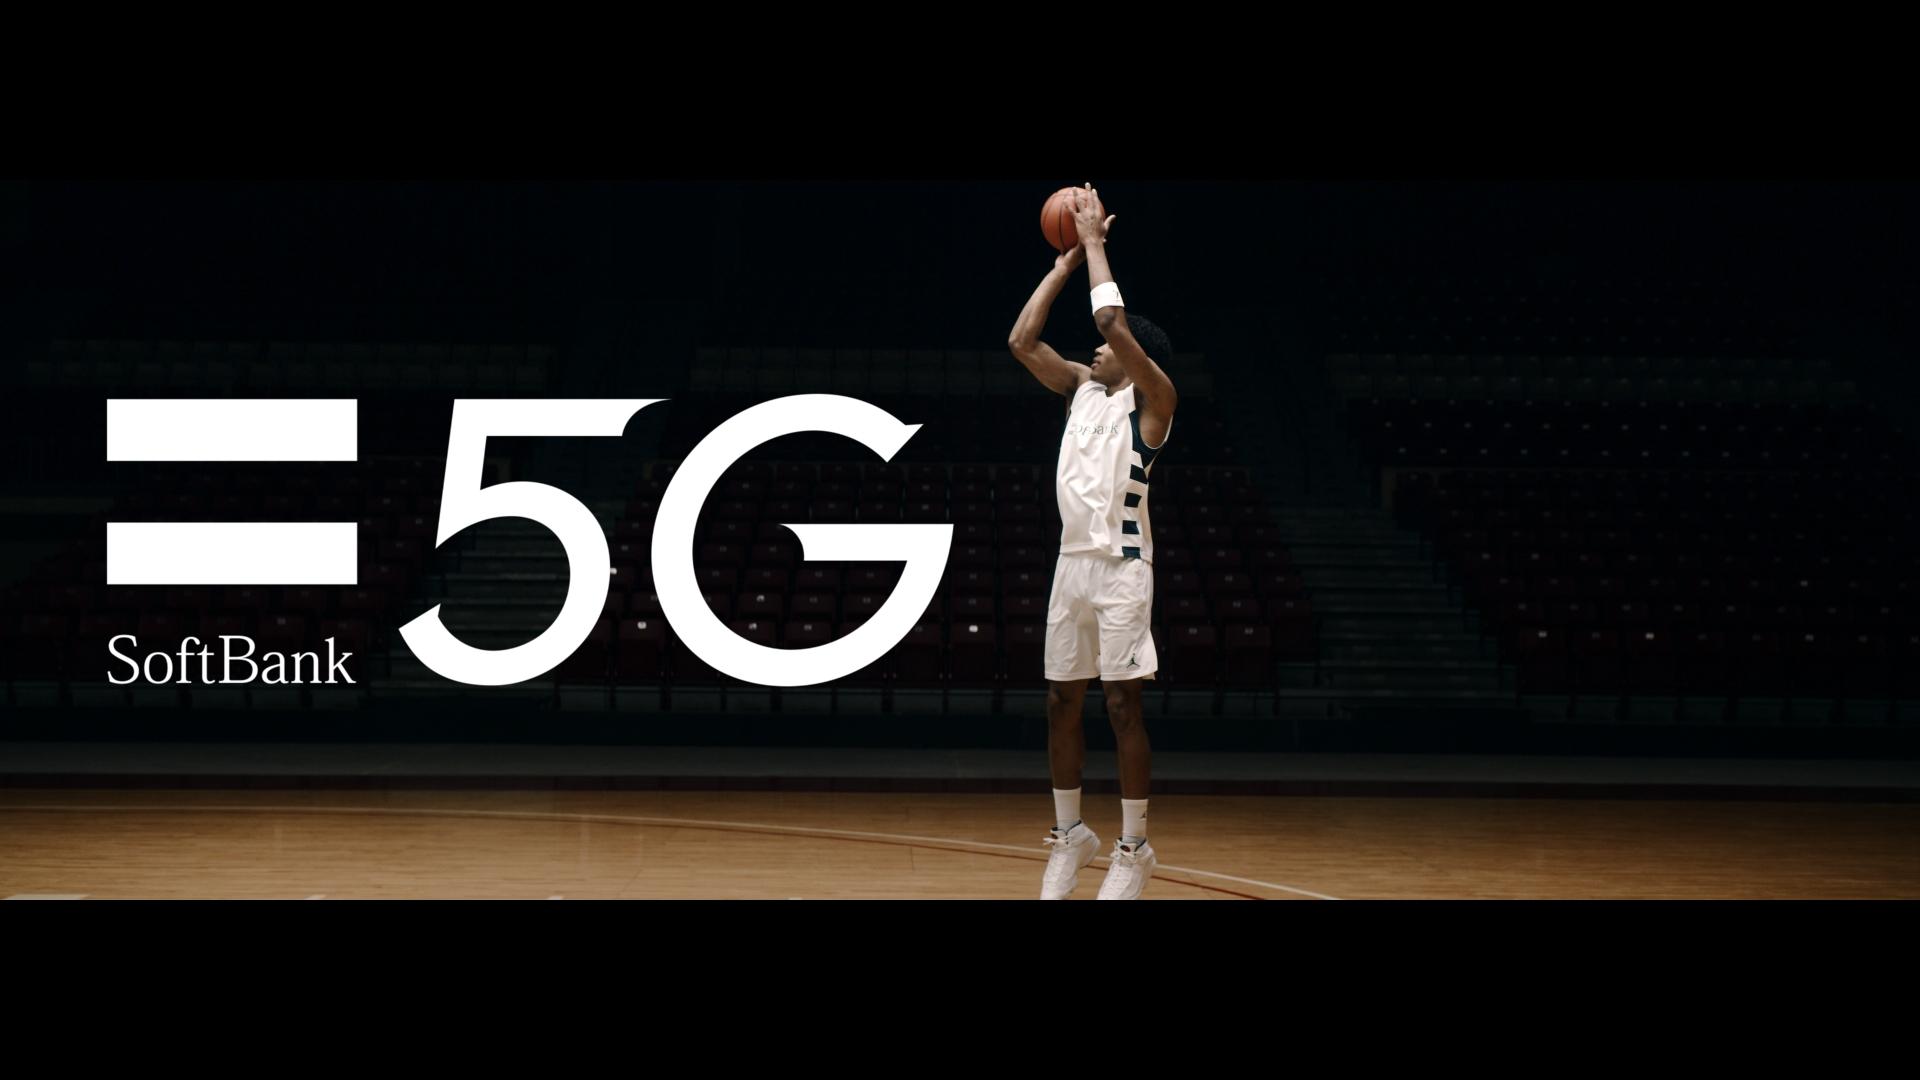 八村塁選手/「SoftBank 5G」の新テレビCM「5G 予告」篇